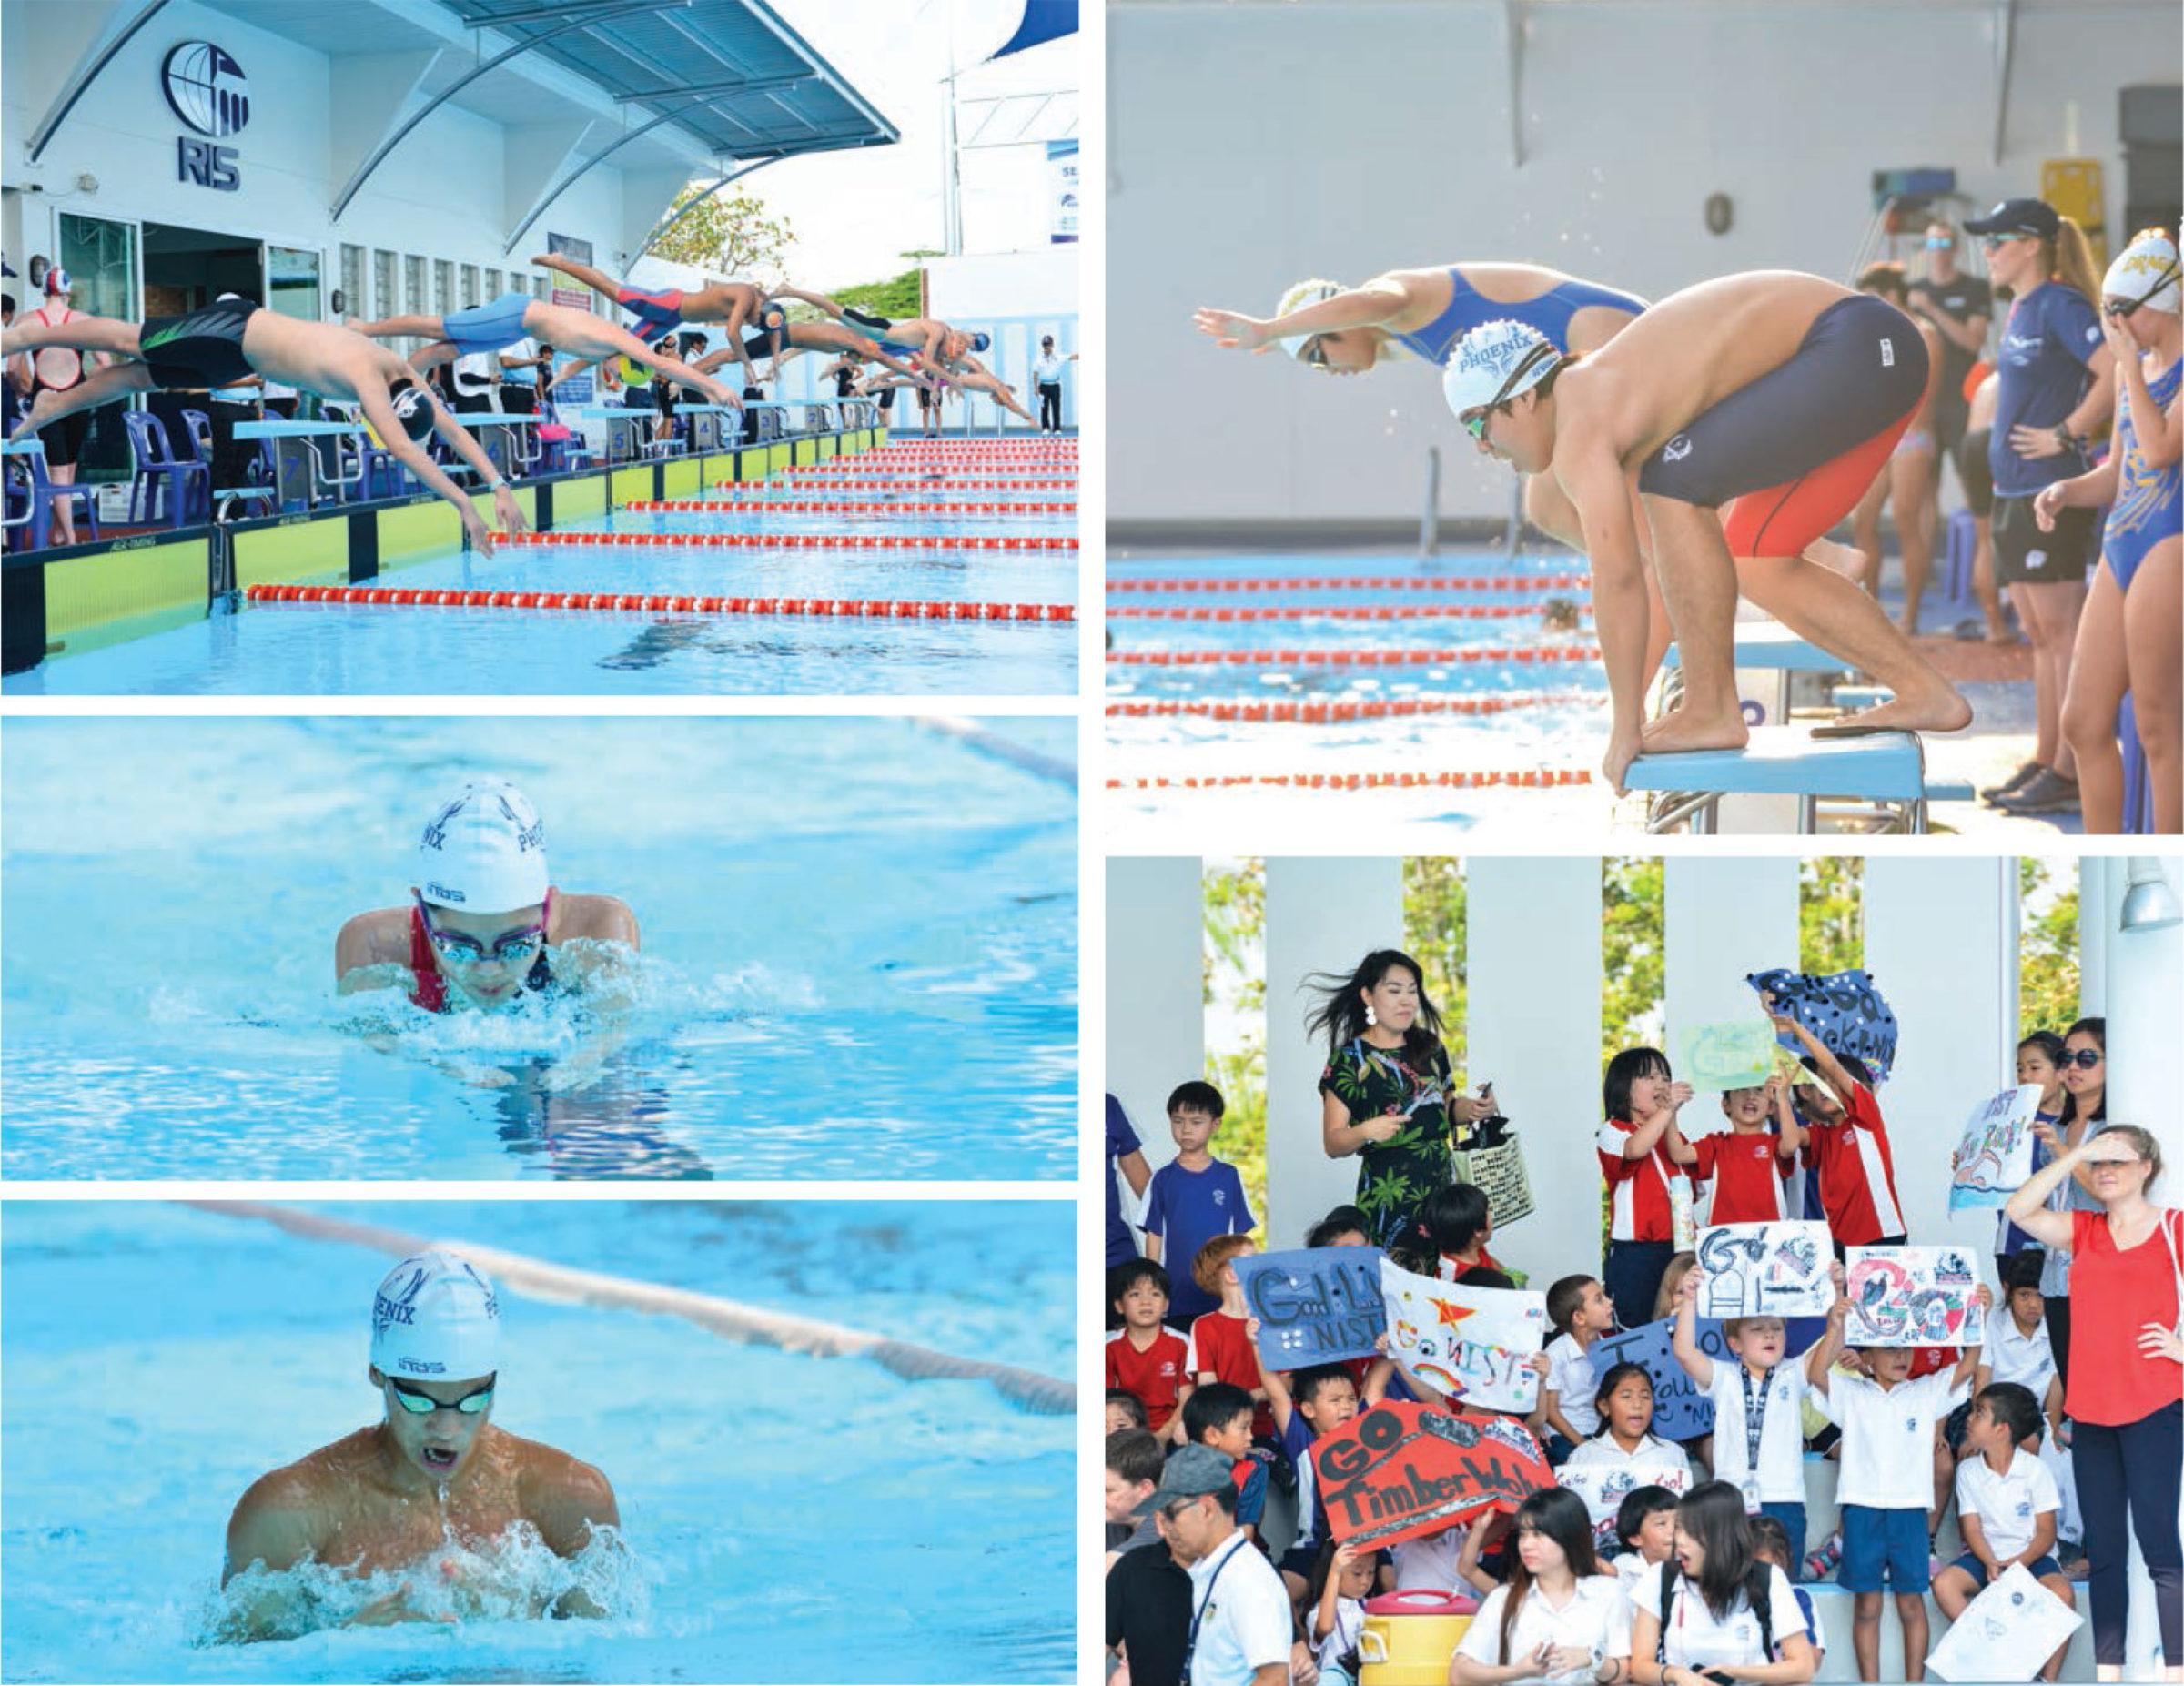 RIS Hosts SEASAC Swimming